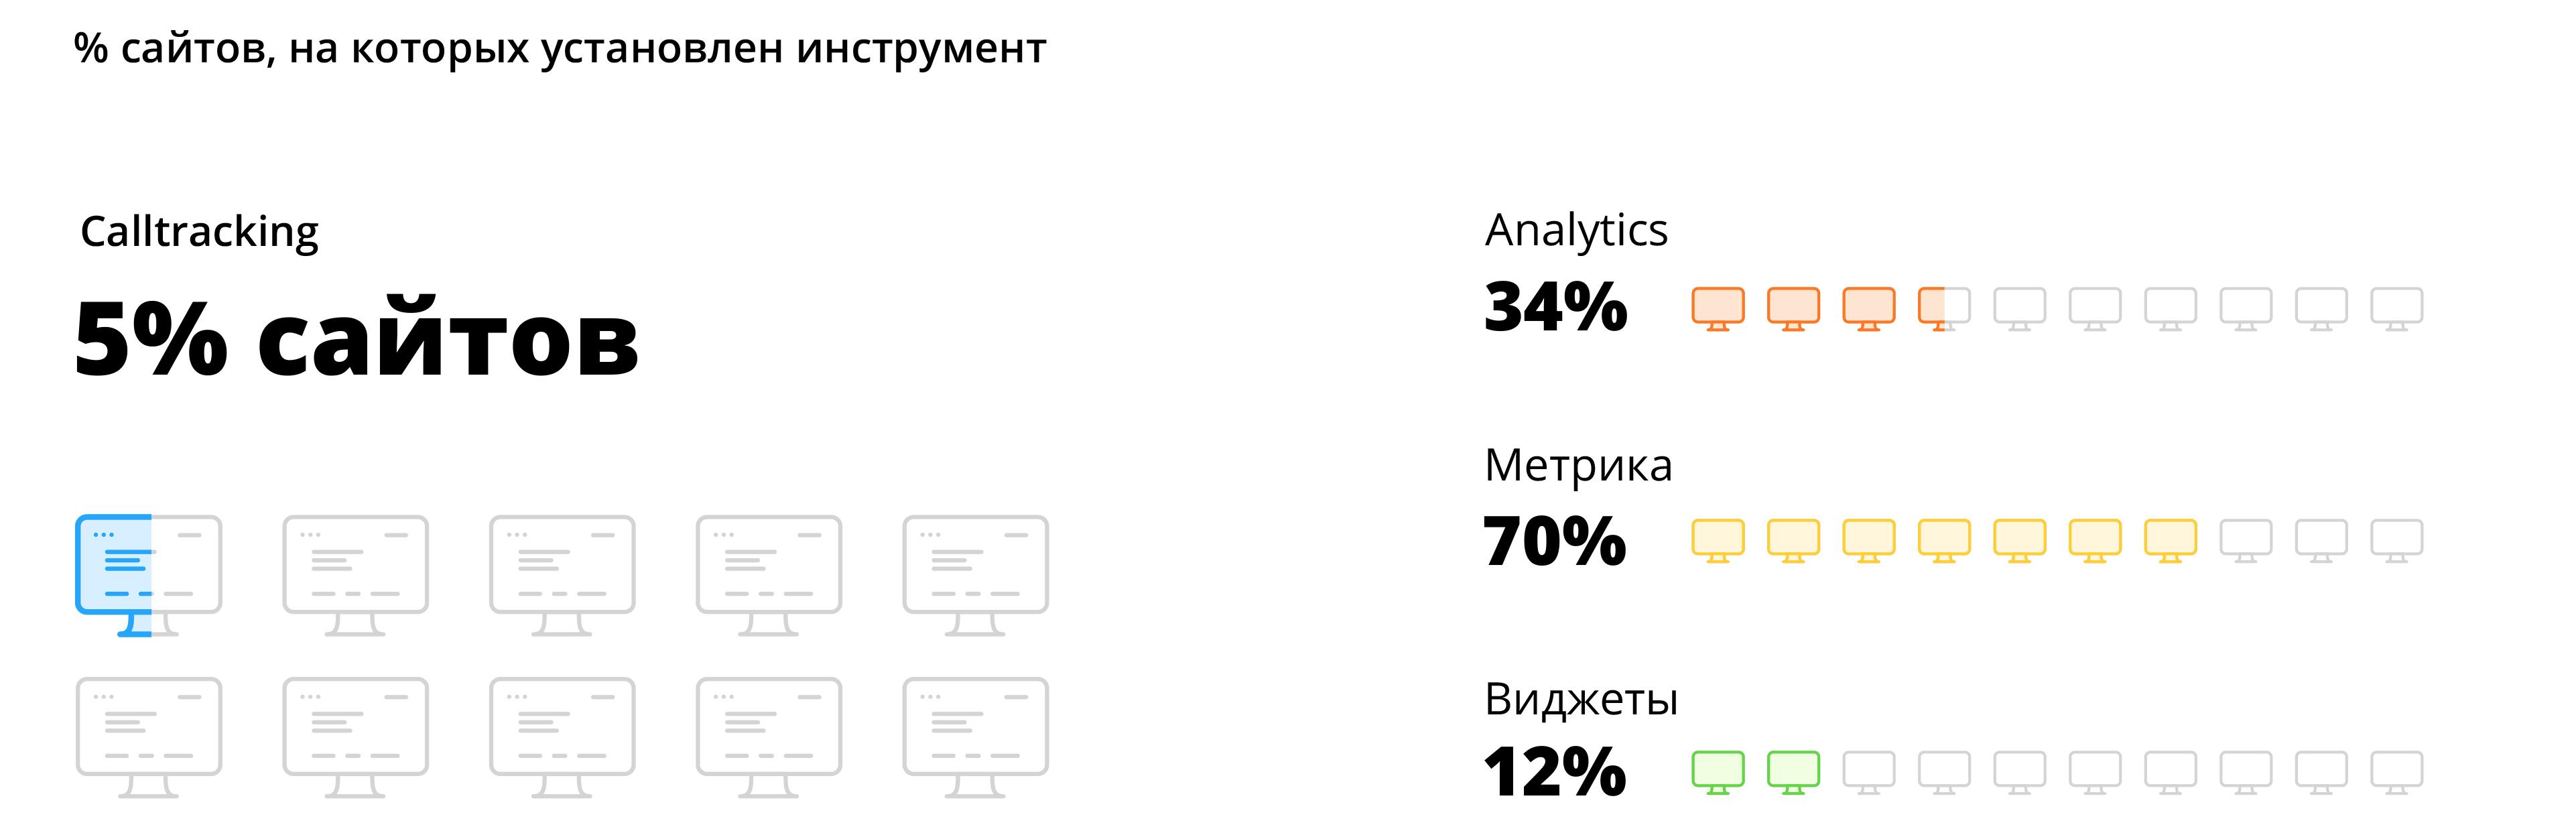 Инструменты маркетинга на сайтах бухгалтерских фирм